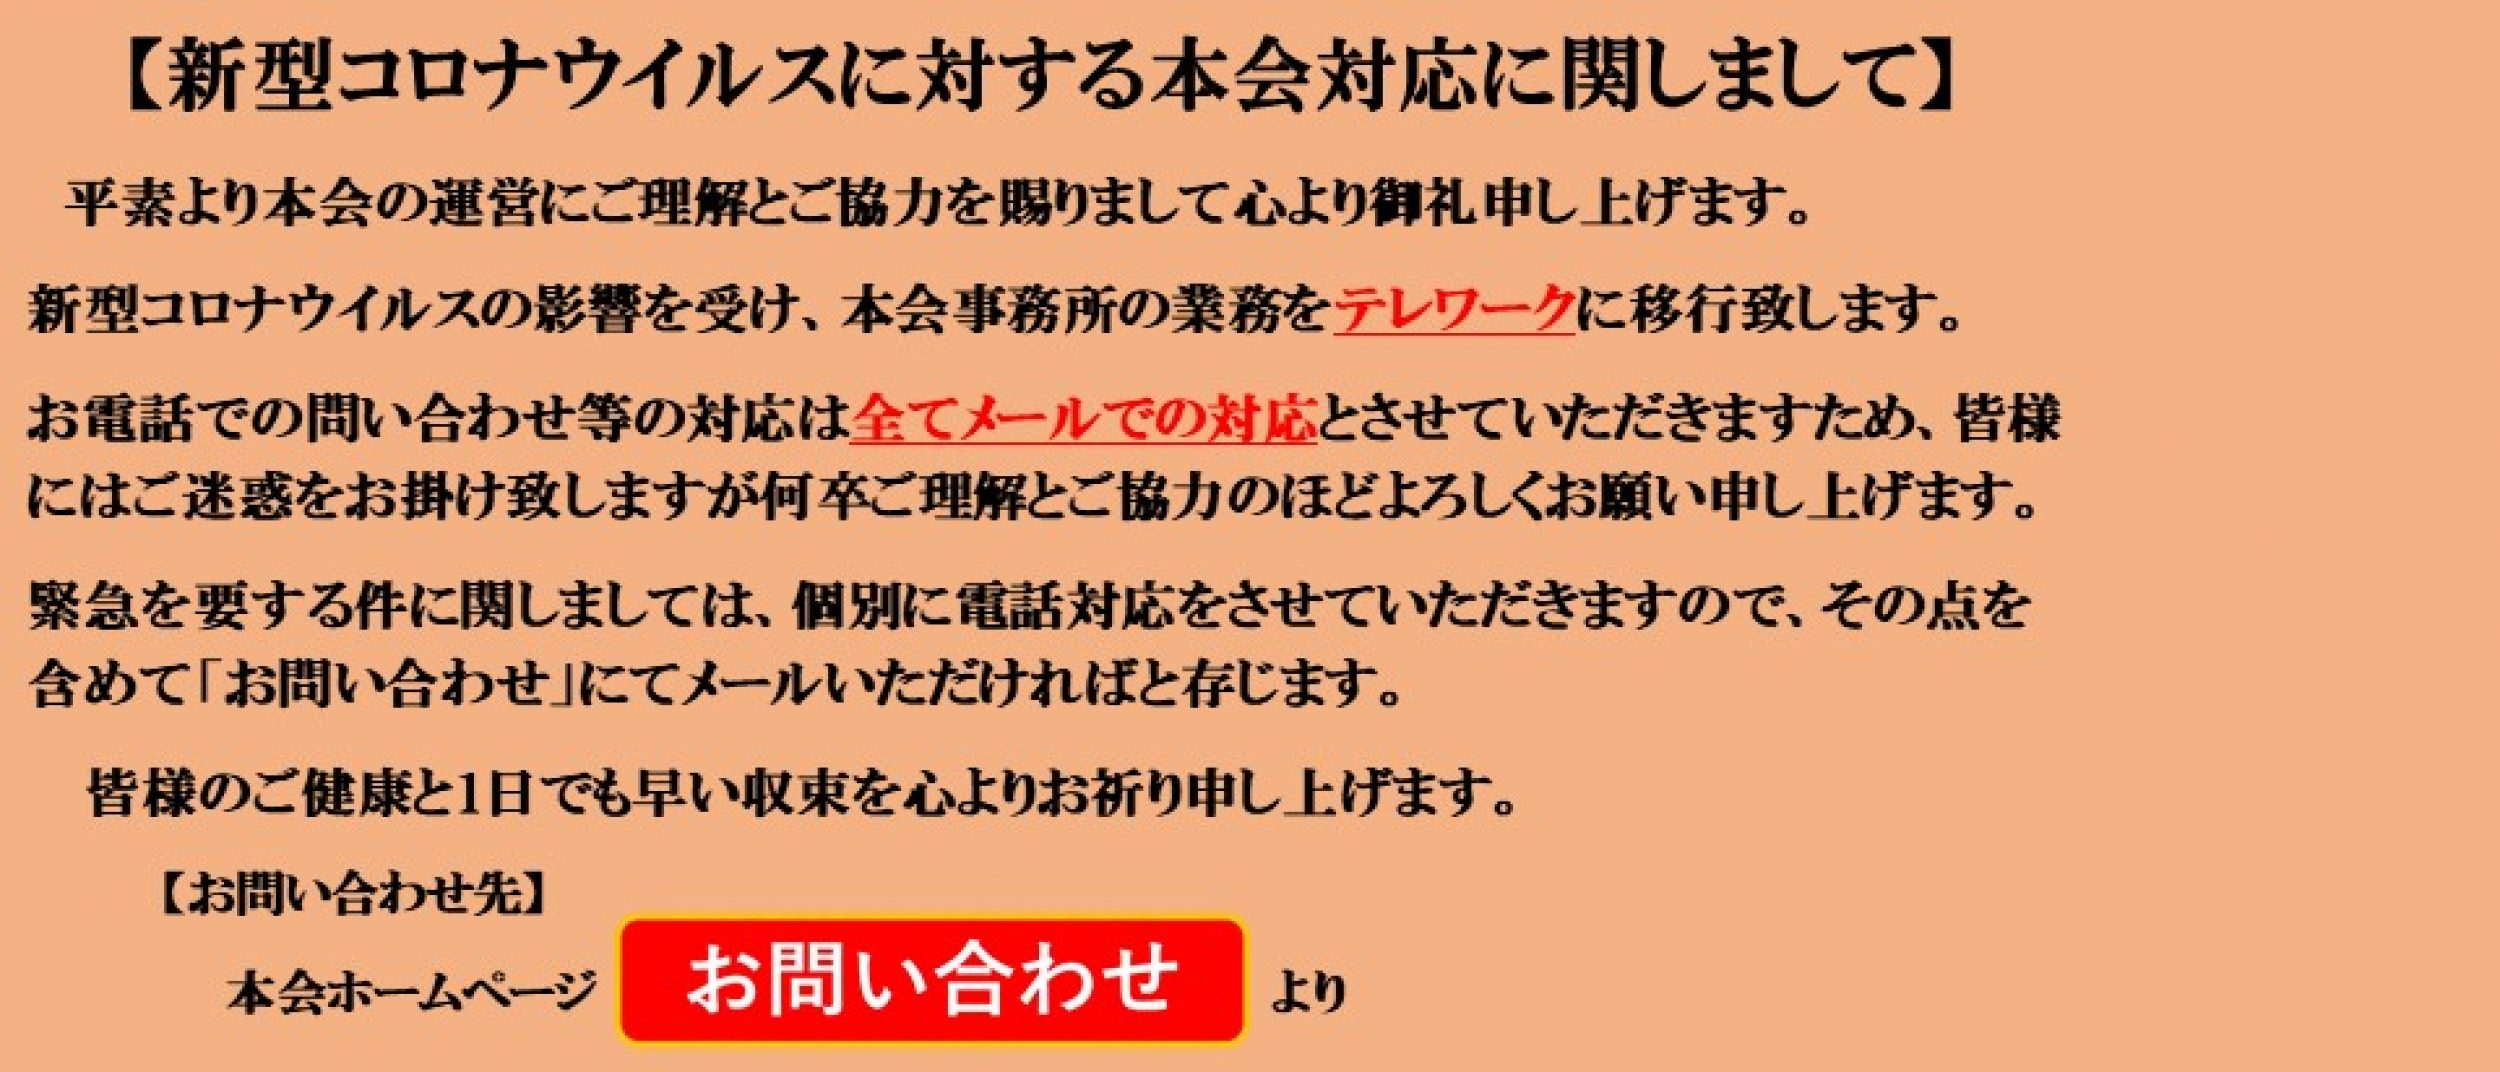 茨城県作業療法士会